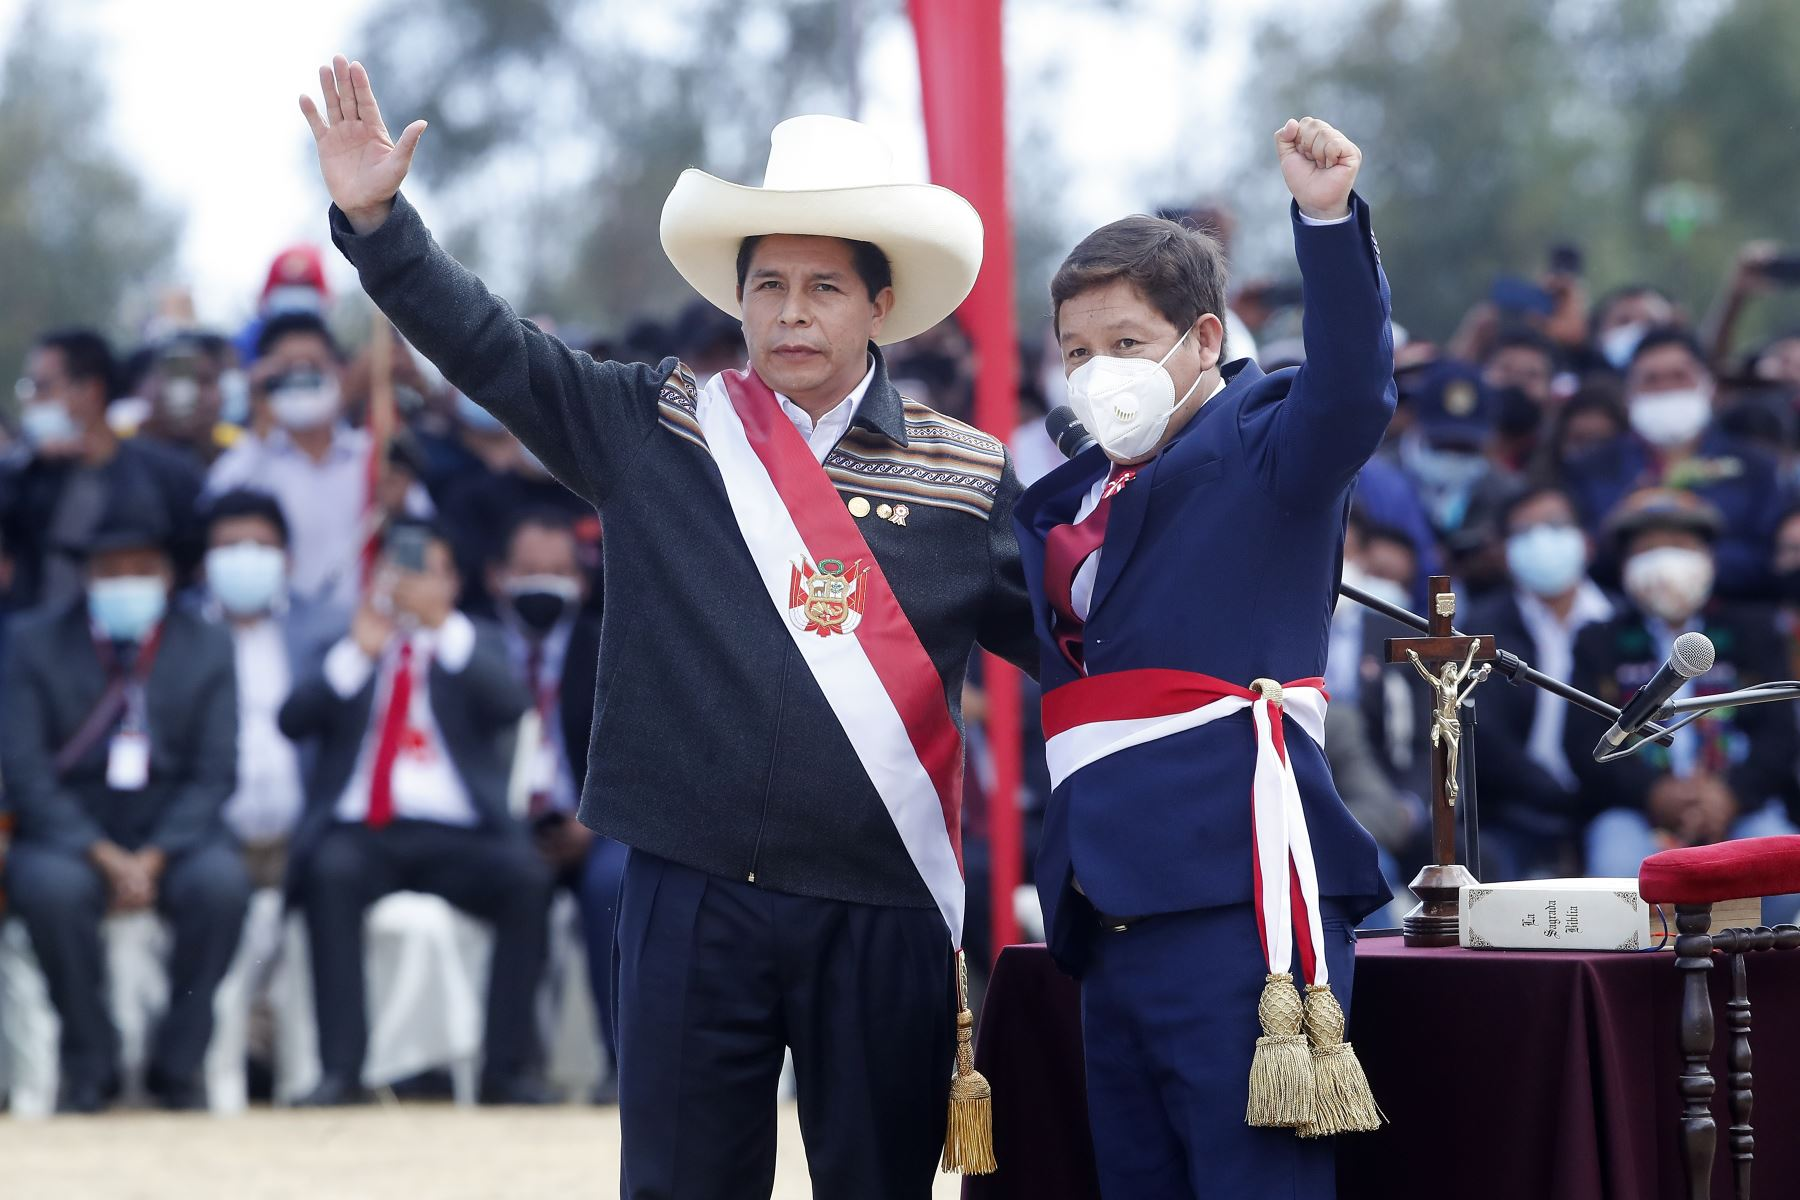 El presidente de la República, Pedro Castillo Terrones, toma juramento a Guido Bellido Ugarte como presidente del Consejo de Ministros. Foto: ANDINA/Juan Carlos Guzmán